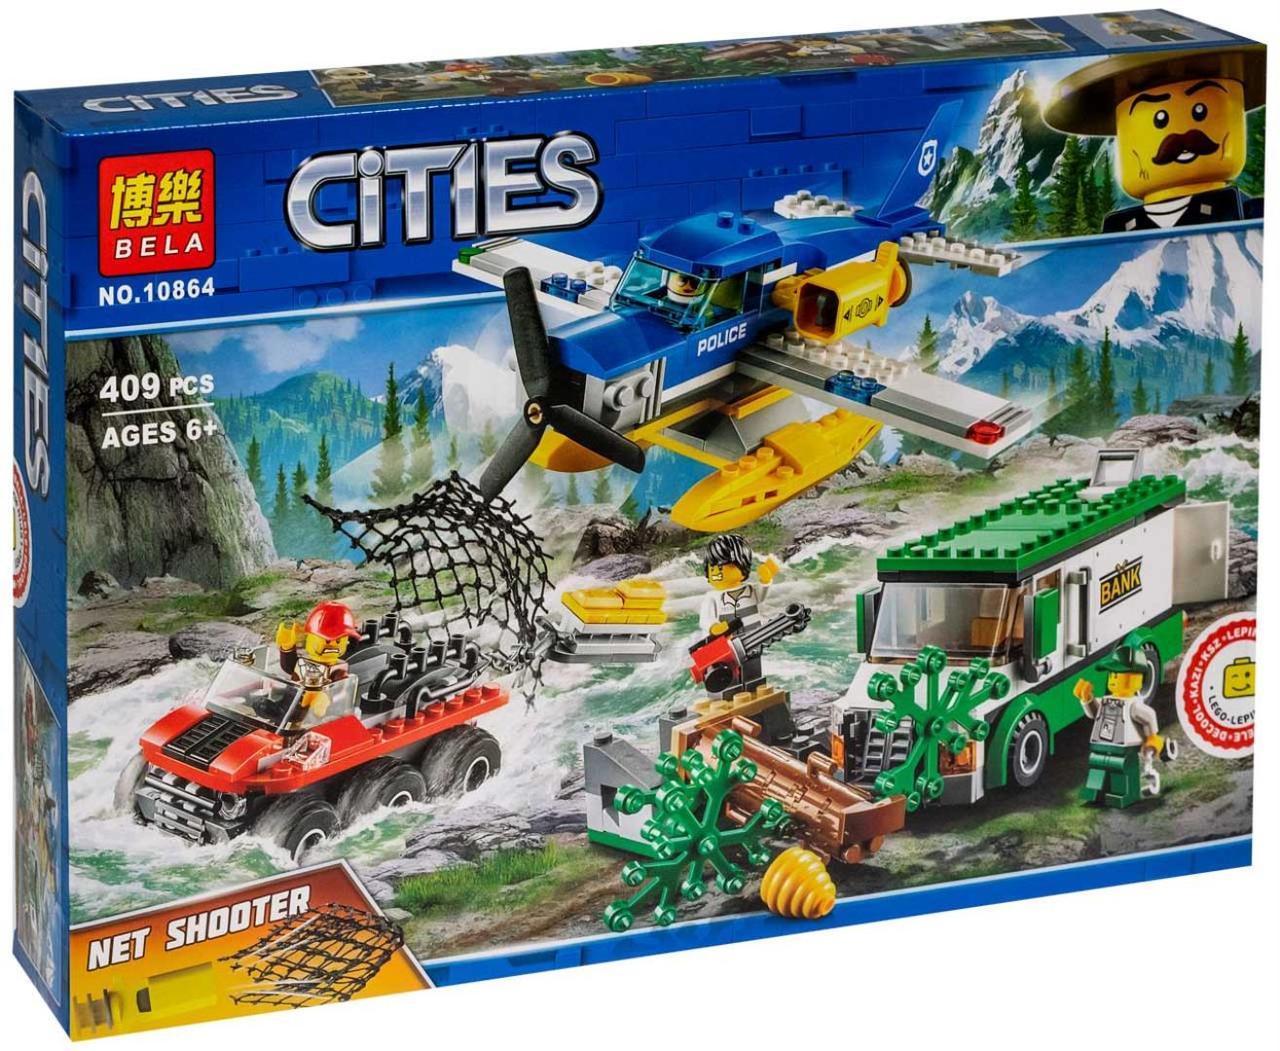 """Конструктор Bela Cities 10864 """"Ограбление у горной реки"""" 409 дет"""